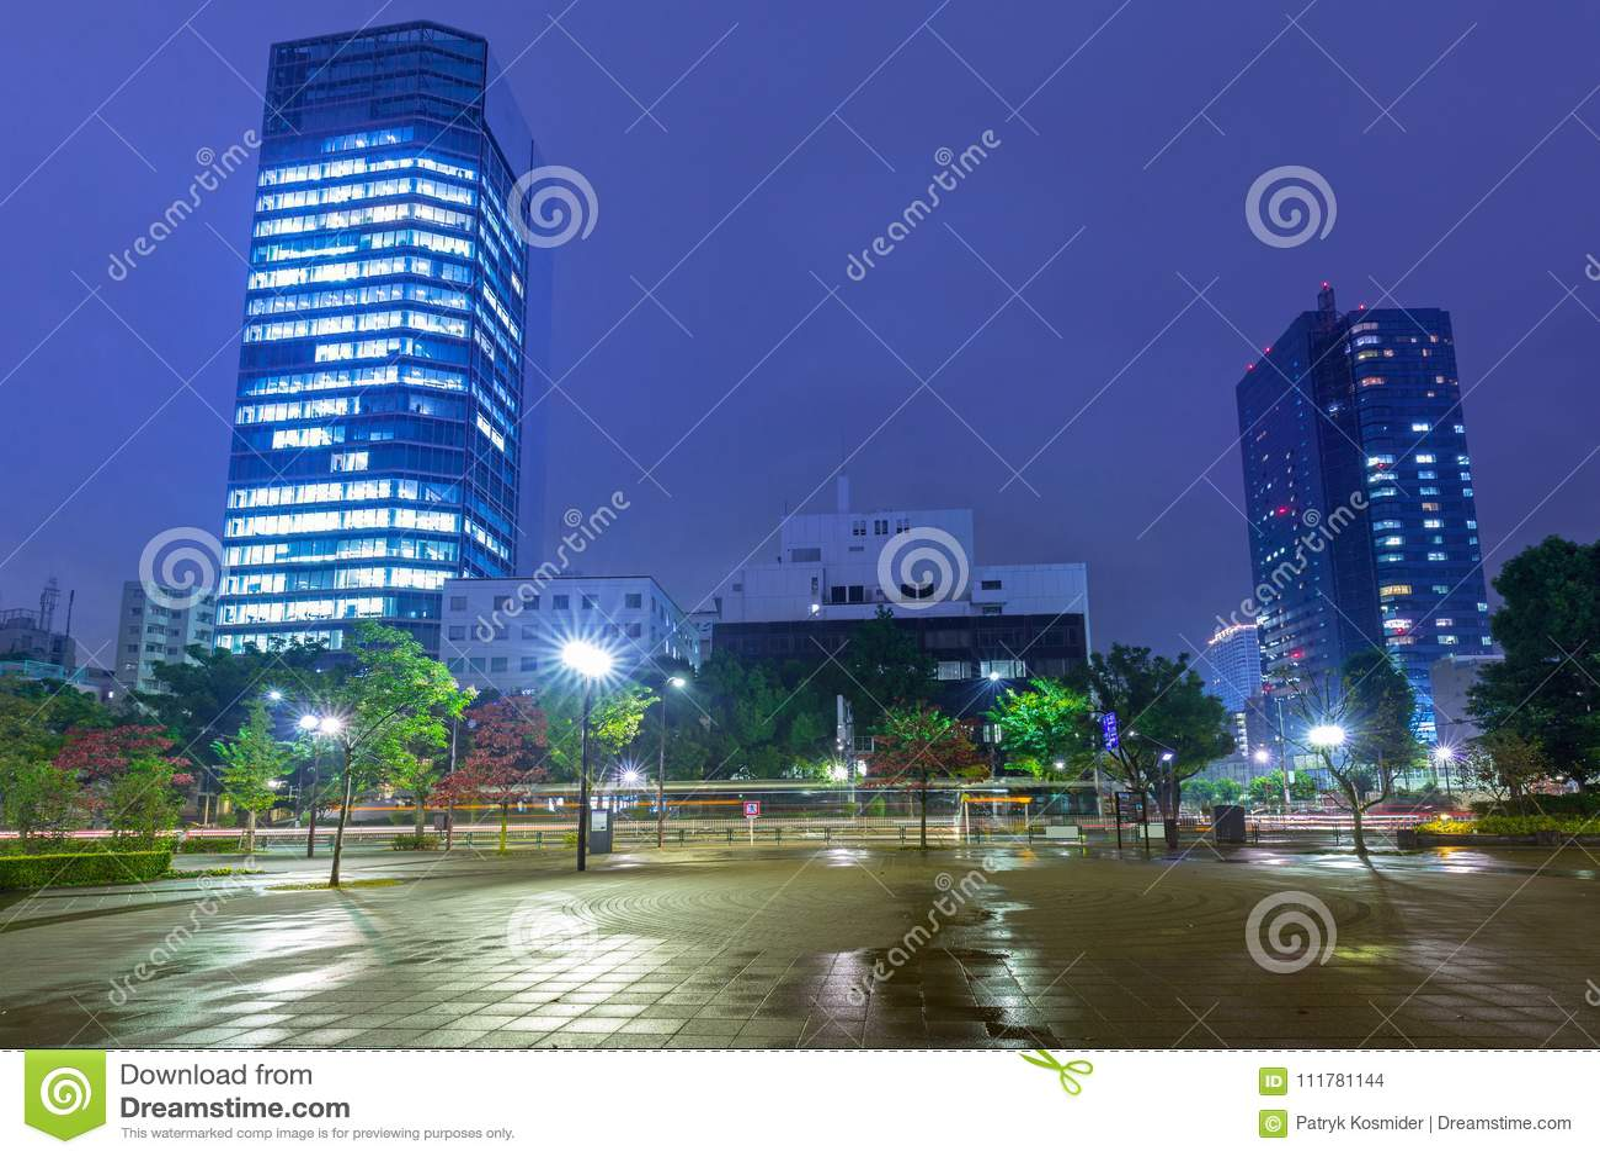 Cityscape of Minato district of Tokyo